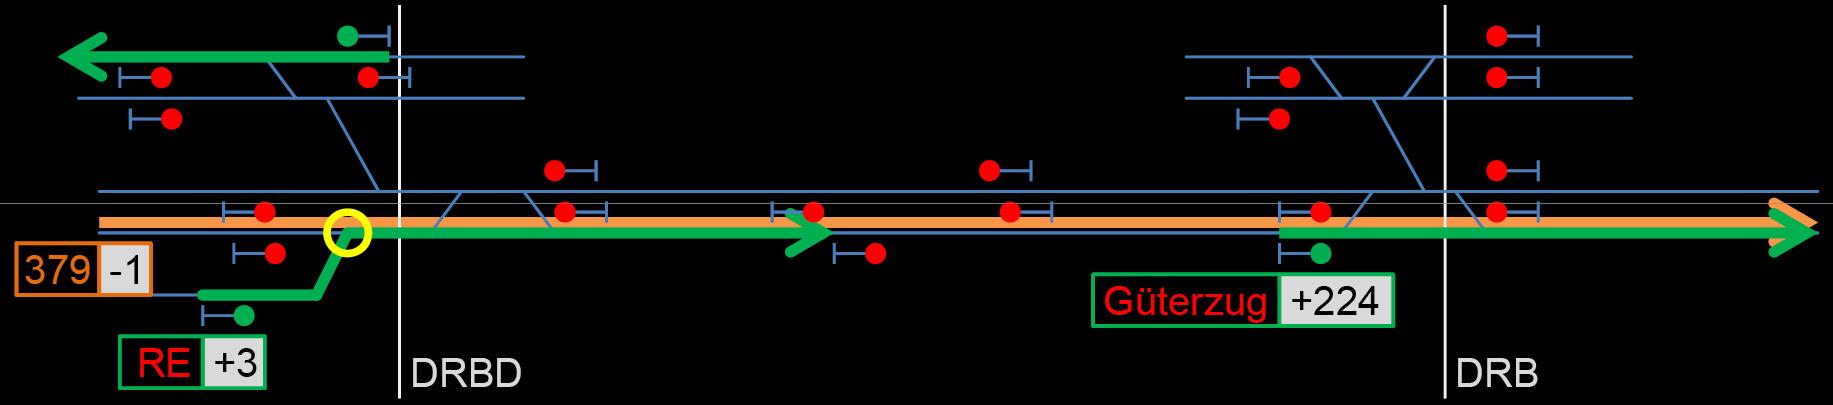 Zuglaufregelung: Beispiel für eine Rückmeldung des Projektes an einen Triebfahrzeugführer (Quelle: DB AG)